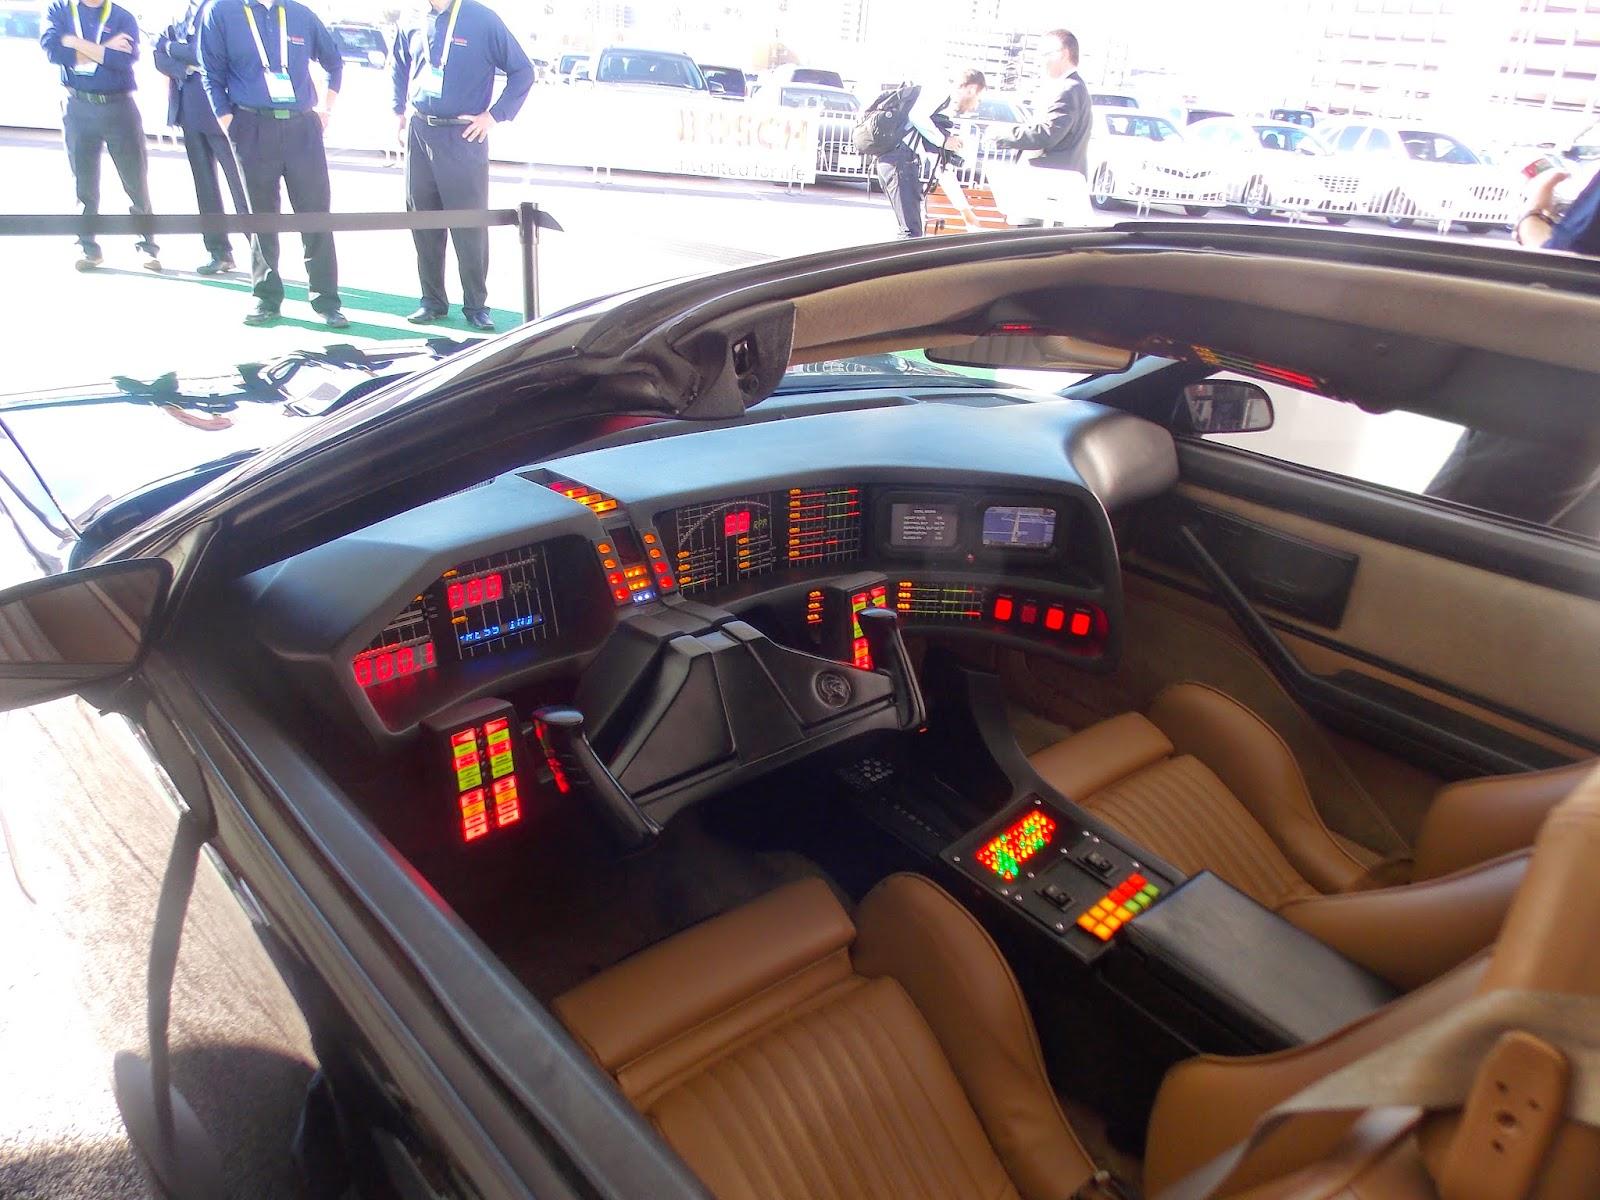 voiture du futur ces 2015 de la voiture de k2000 la conduite automatis e. Black Bedroom Furniture Sets. Home Design Ideas